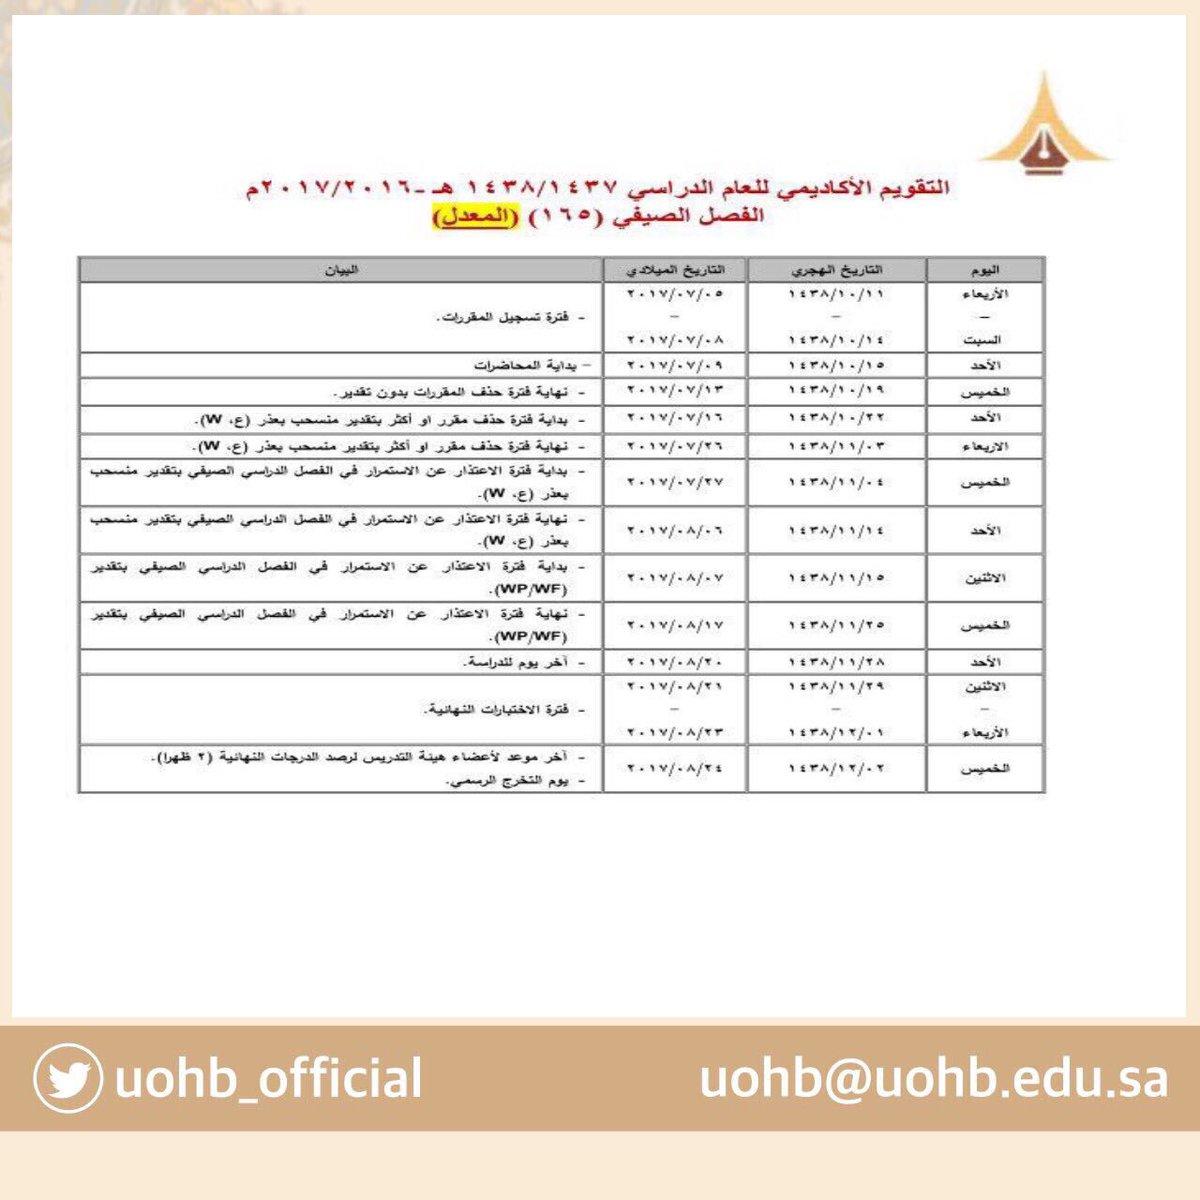 خلل تقني يؤخر تسليم وثائق الخريجات بجامعة حفر الباطن